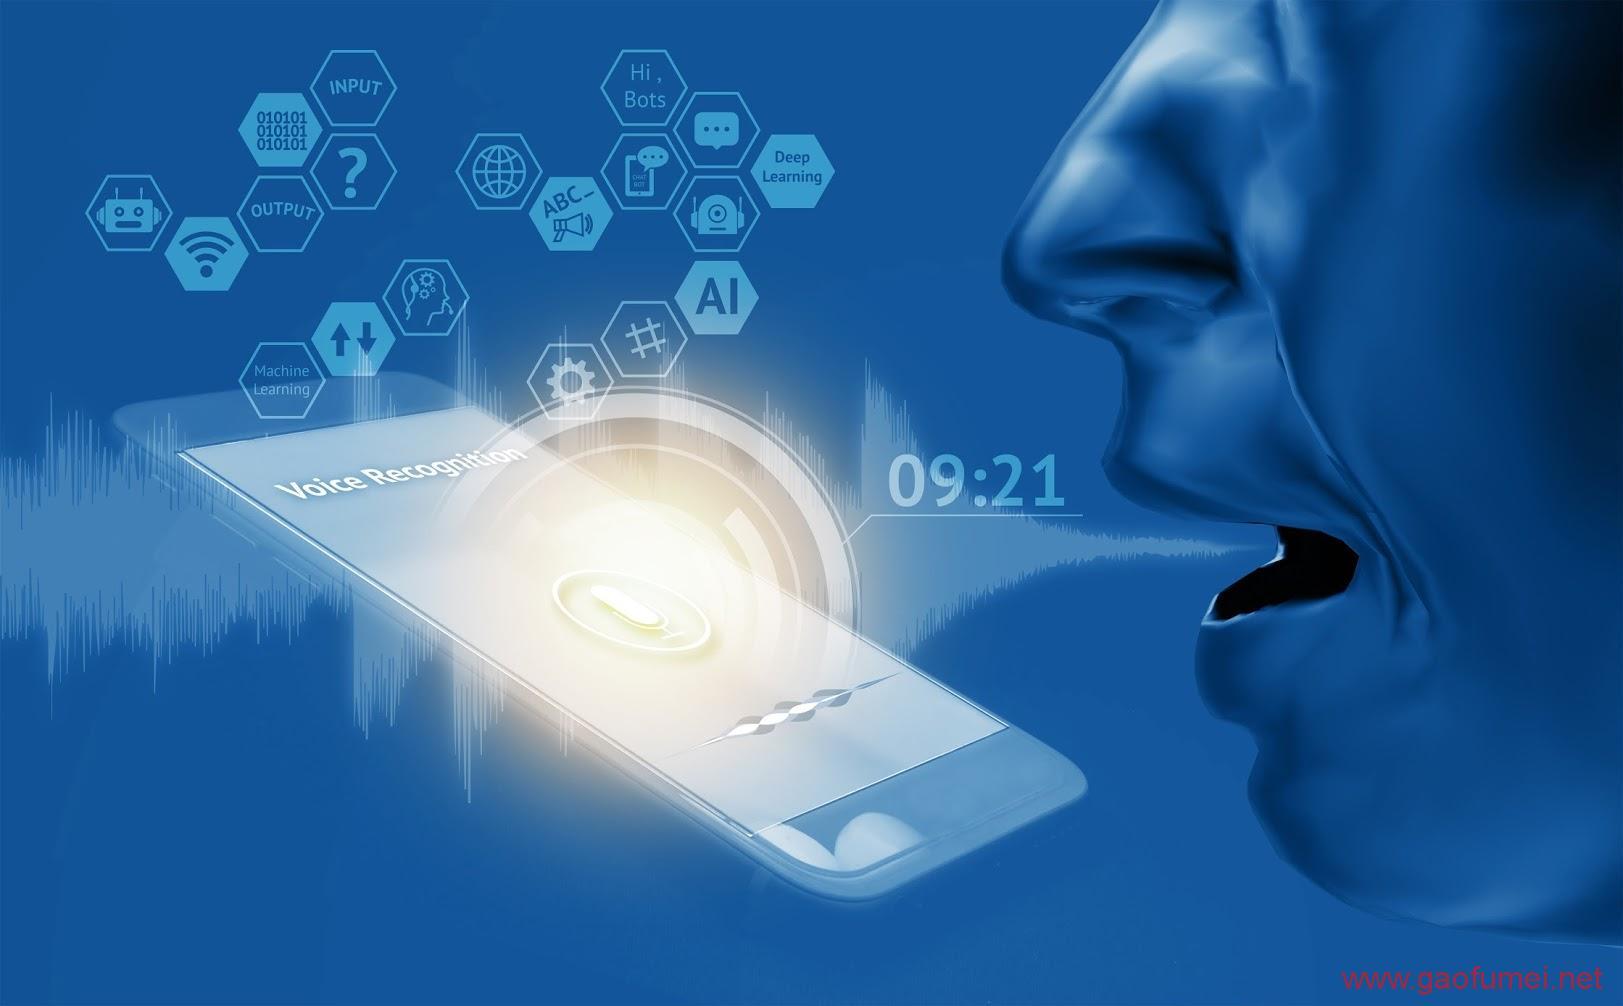 有光科技获李嘉诚风投投资反攻大陆方言的语音识别技术商 语音识别 第1张